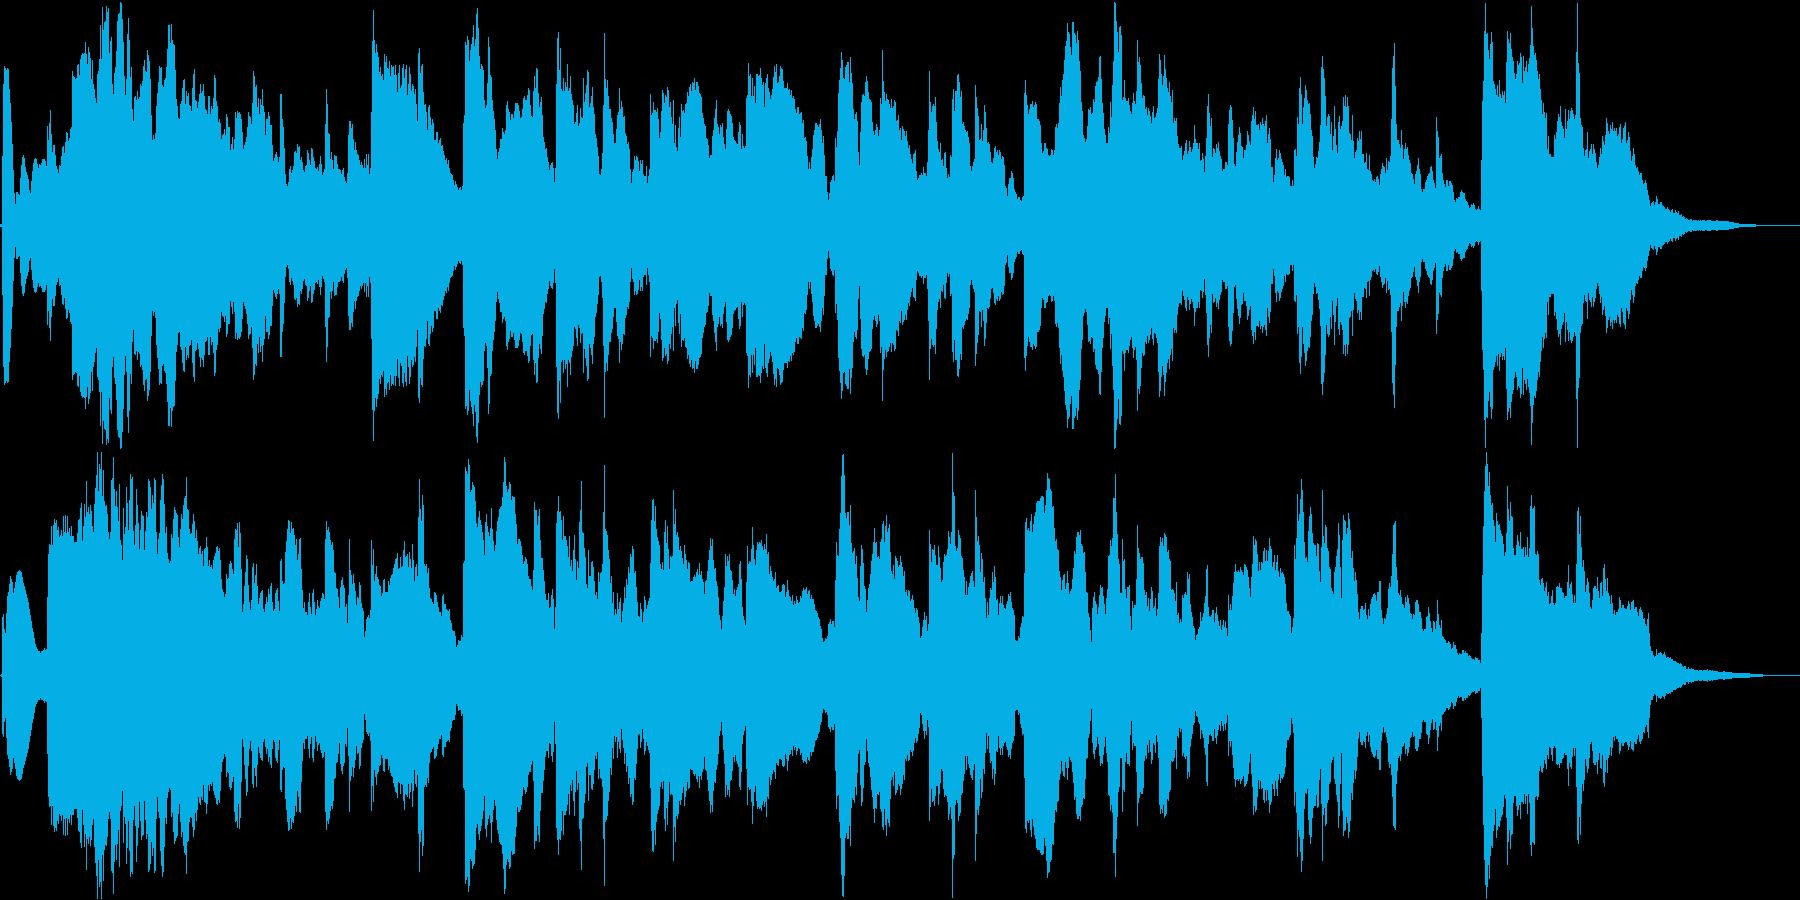 夜の水辺をイメージした幻想的な楽曲の再生済みの波形